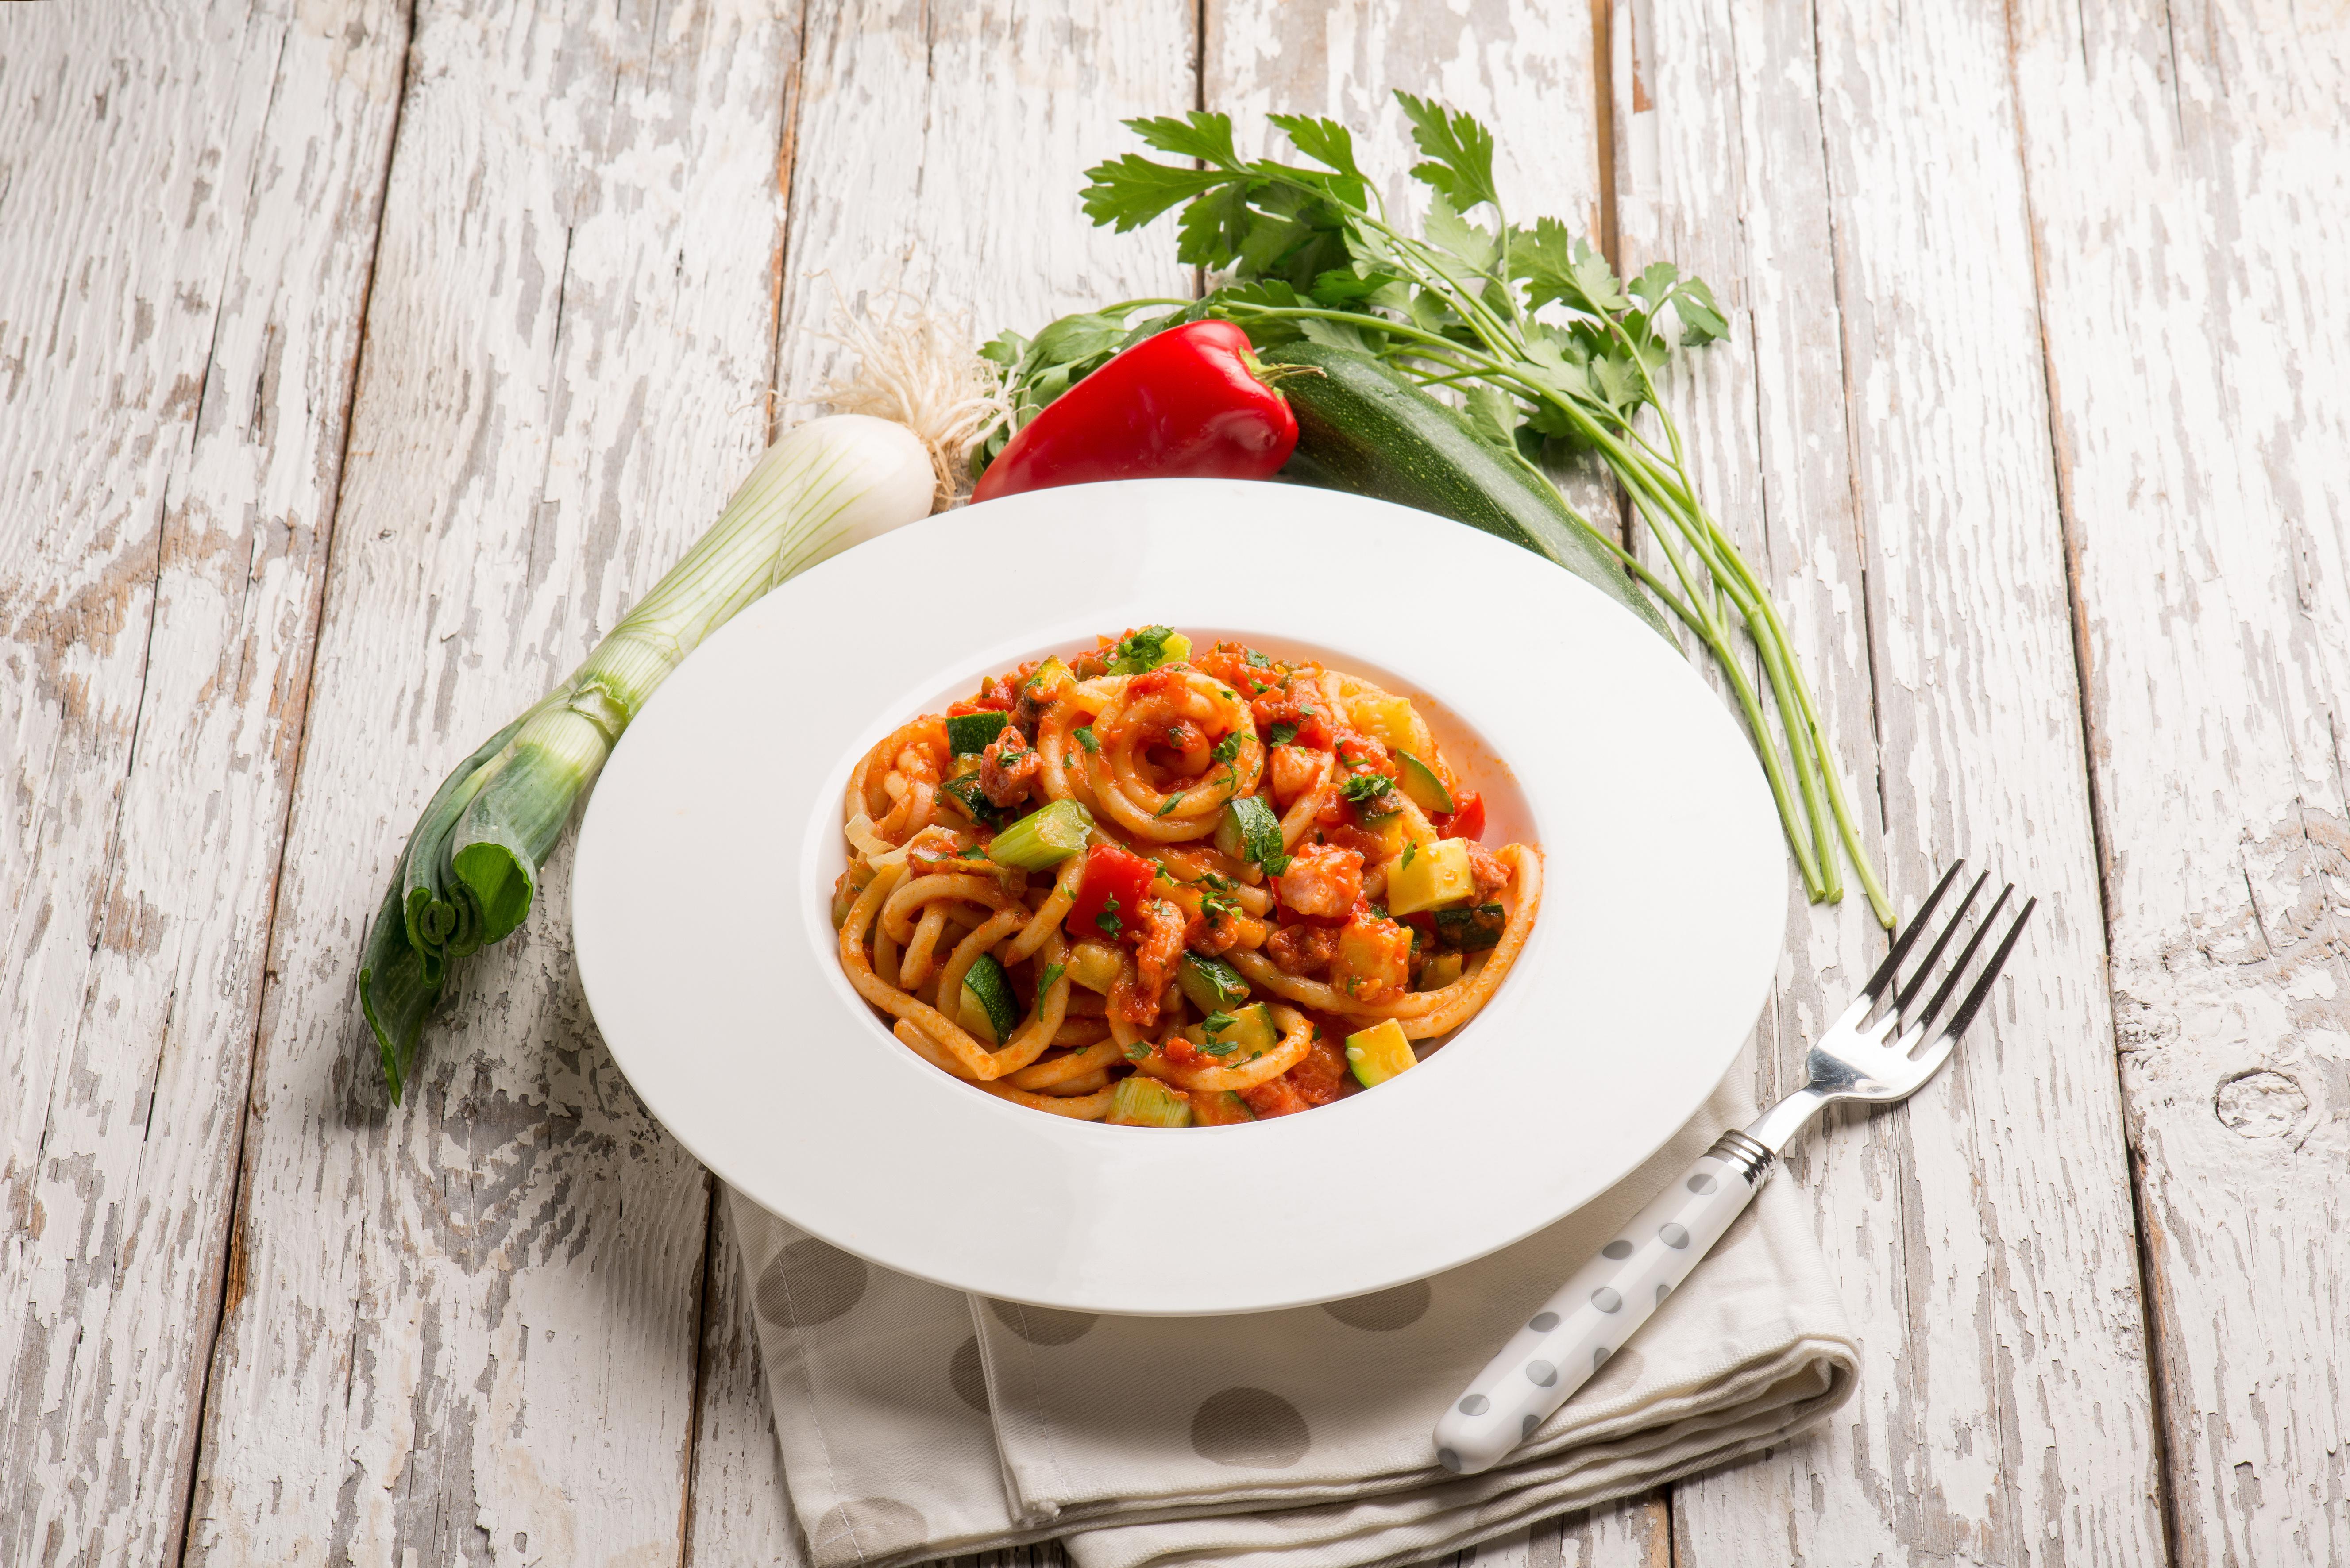 Gemüse Ragout gegen Stress